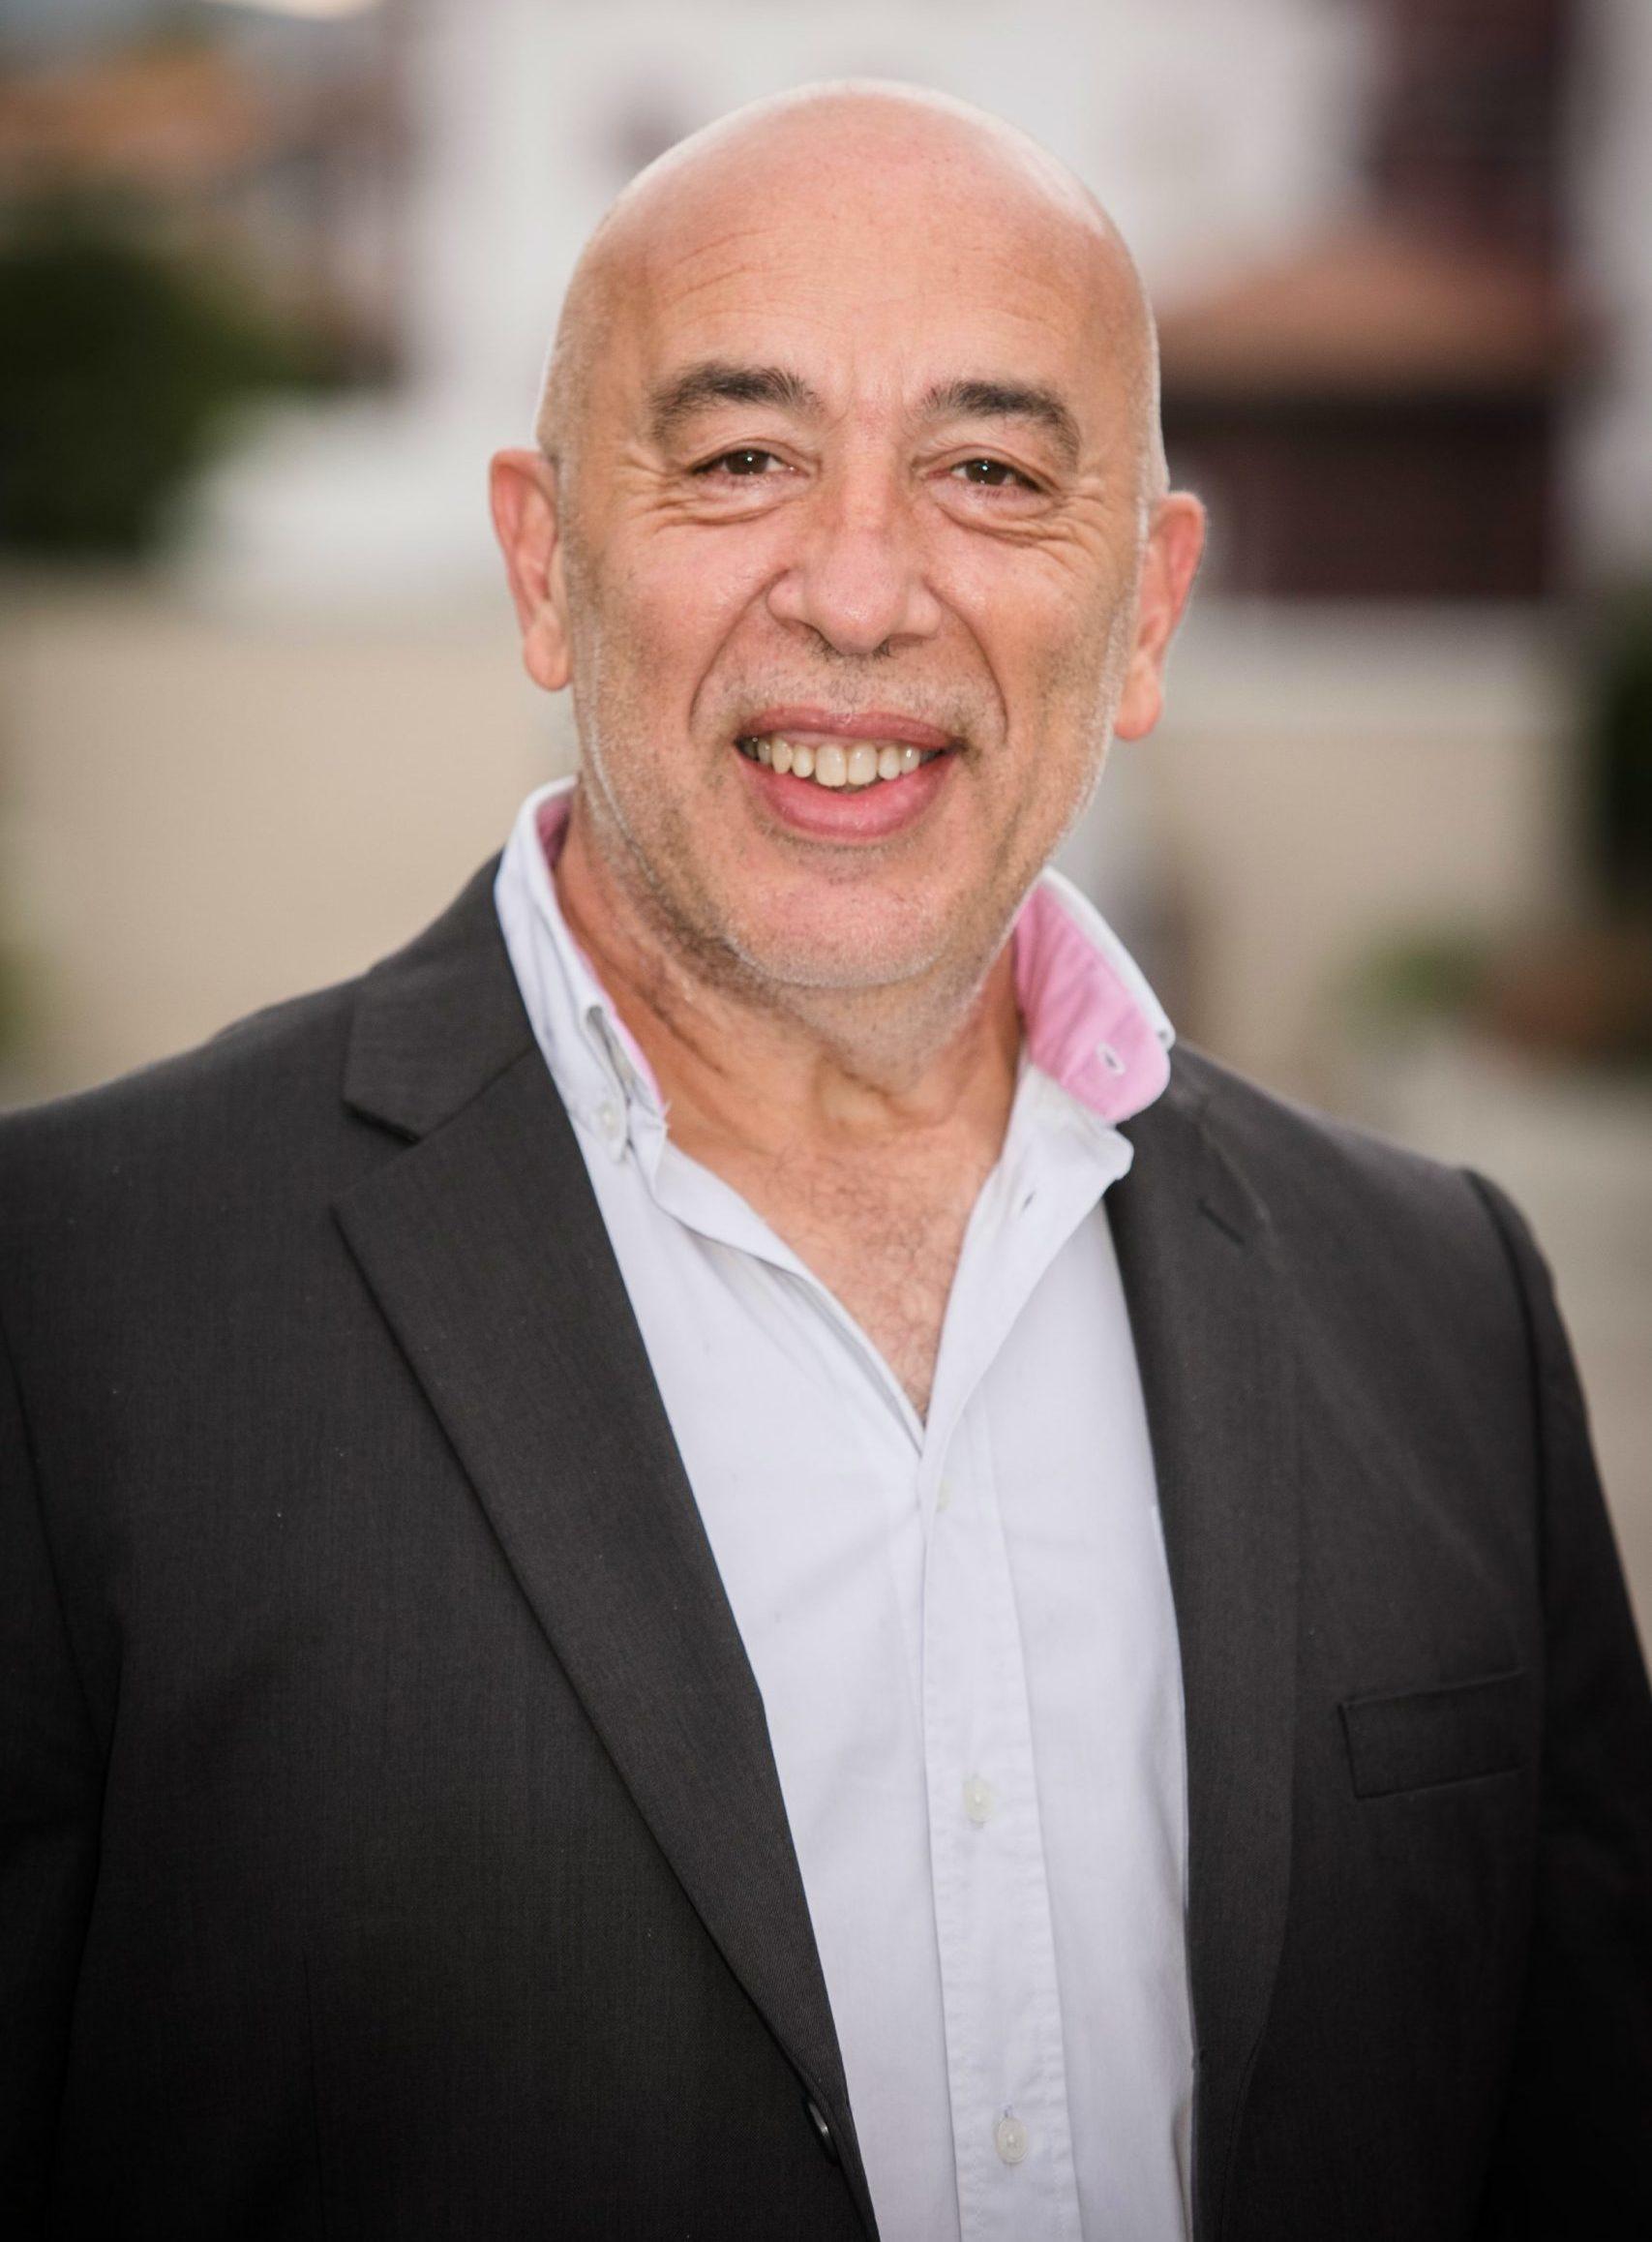 Henri Levréro